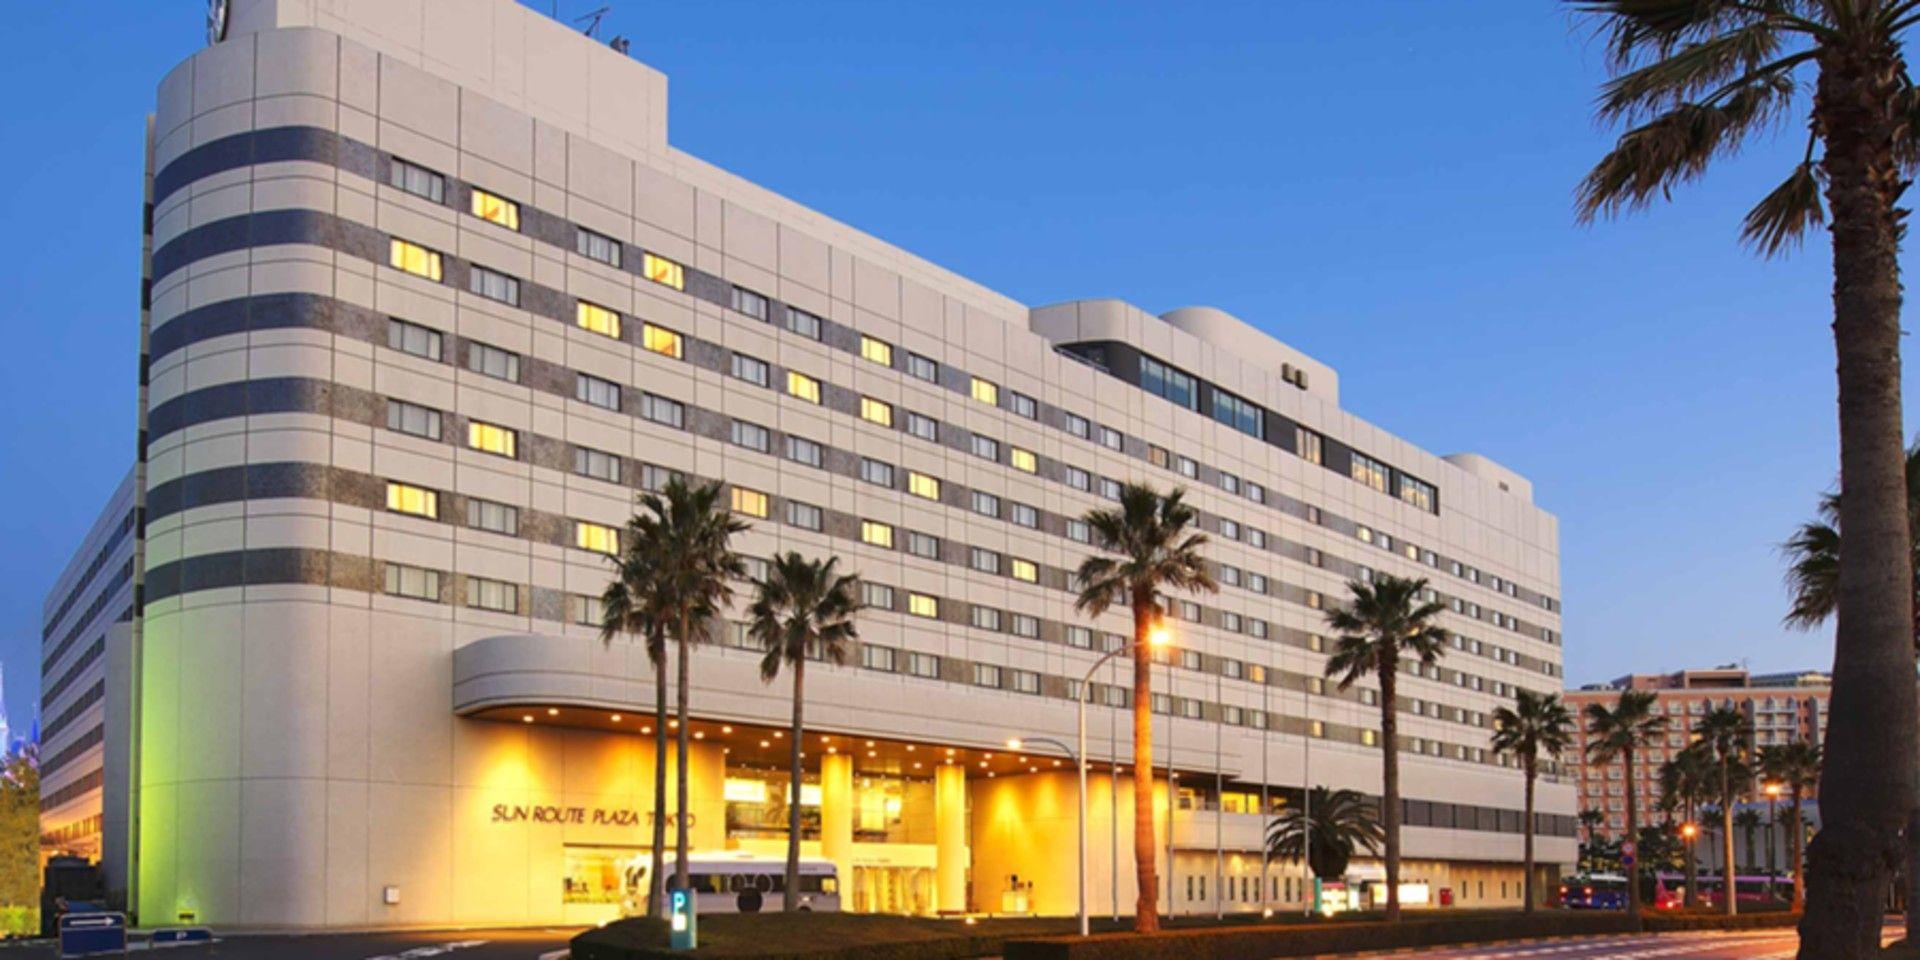 今夜は、東京ディズニーリゾートホテル でステージ! : haru blog「haru